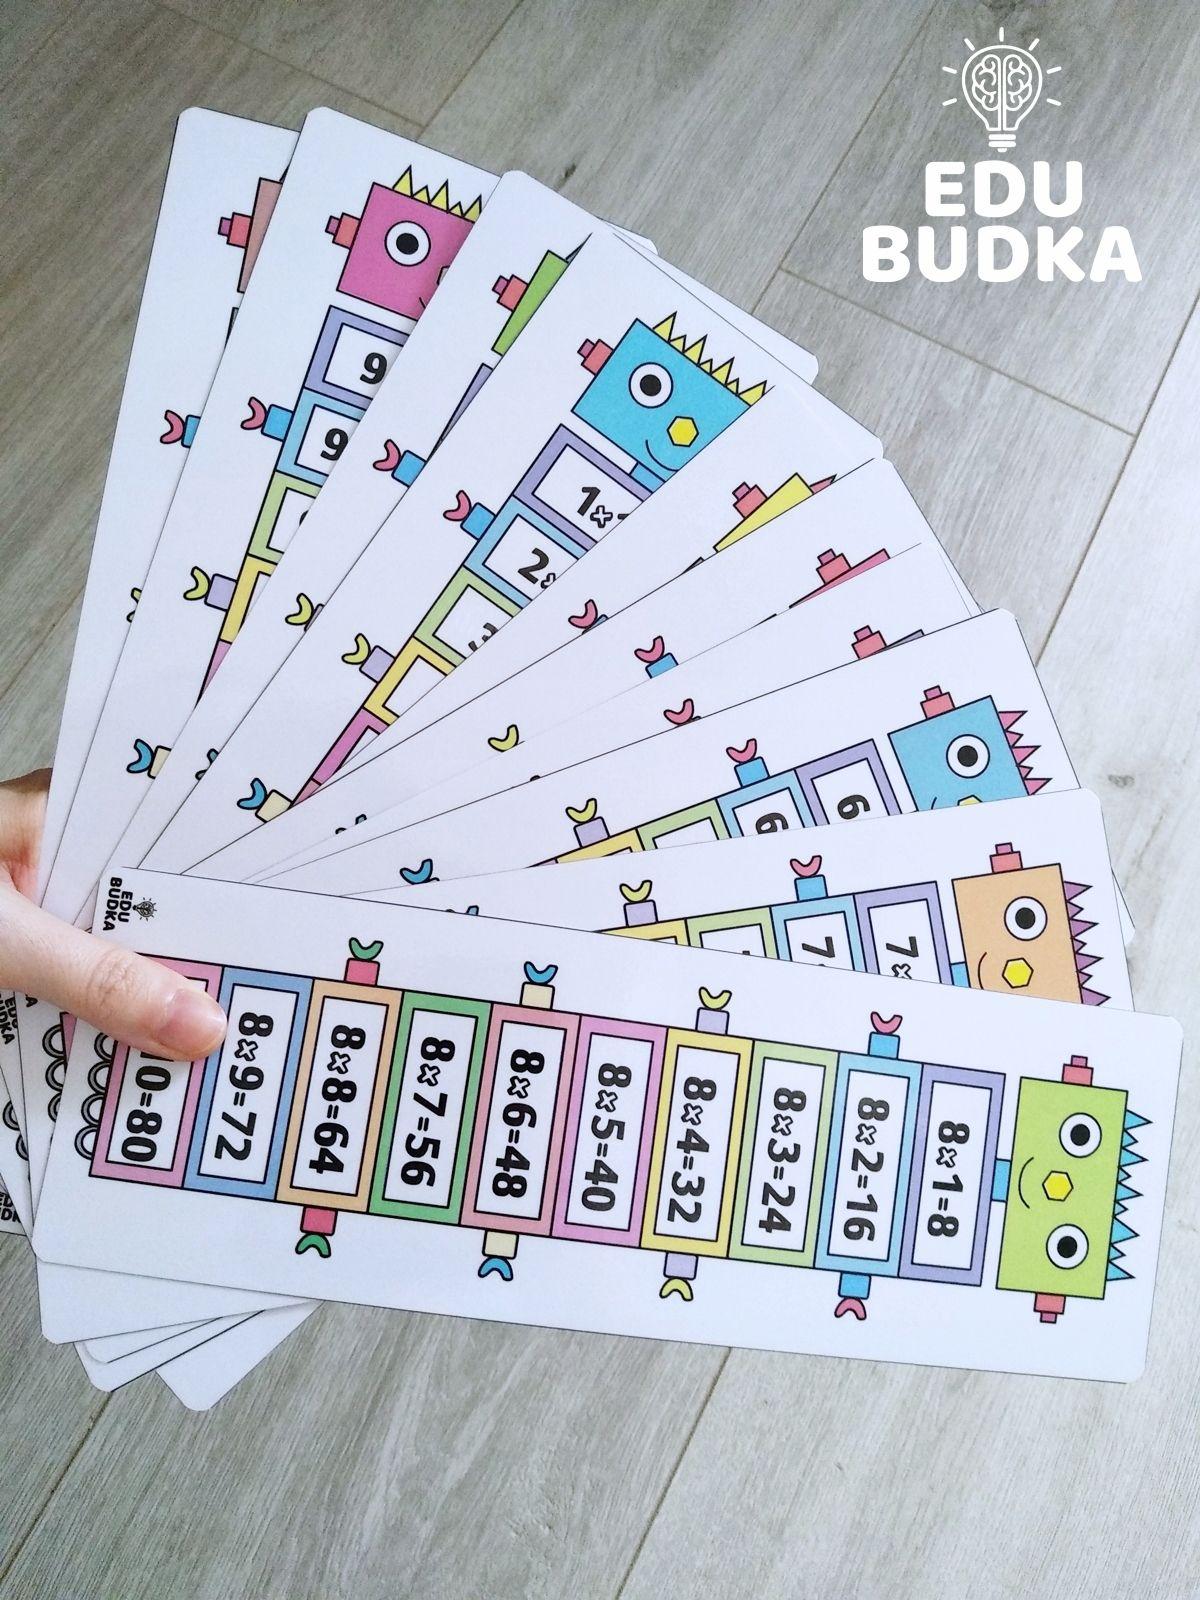 Tabliczka Mnozenia Do 100 10 Plansz 28x9 5 Cm Allegro Pl Cena 16 90 Zl Stan Nowy Staniszcze Wielkie Cards Playing Cards Periodic Table